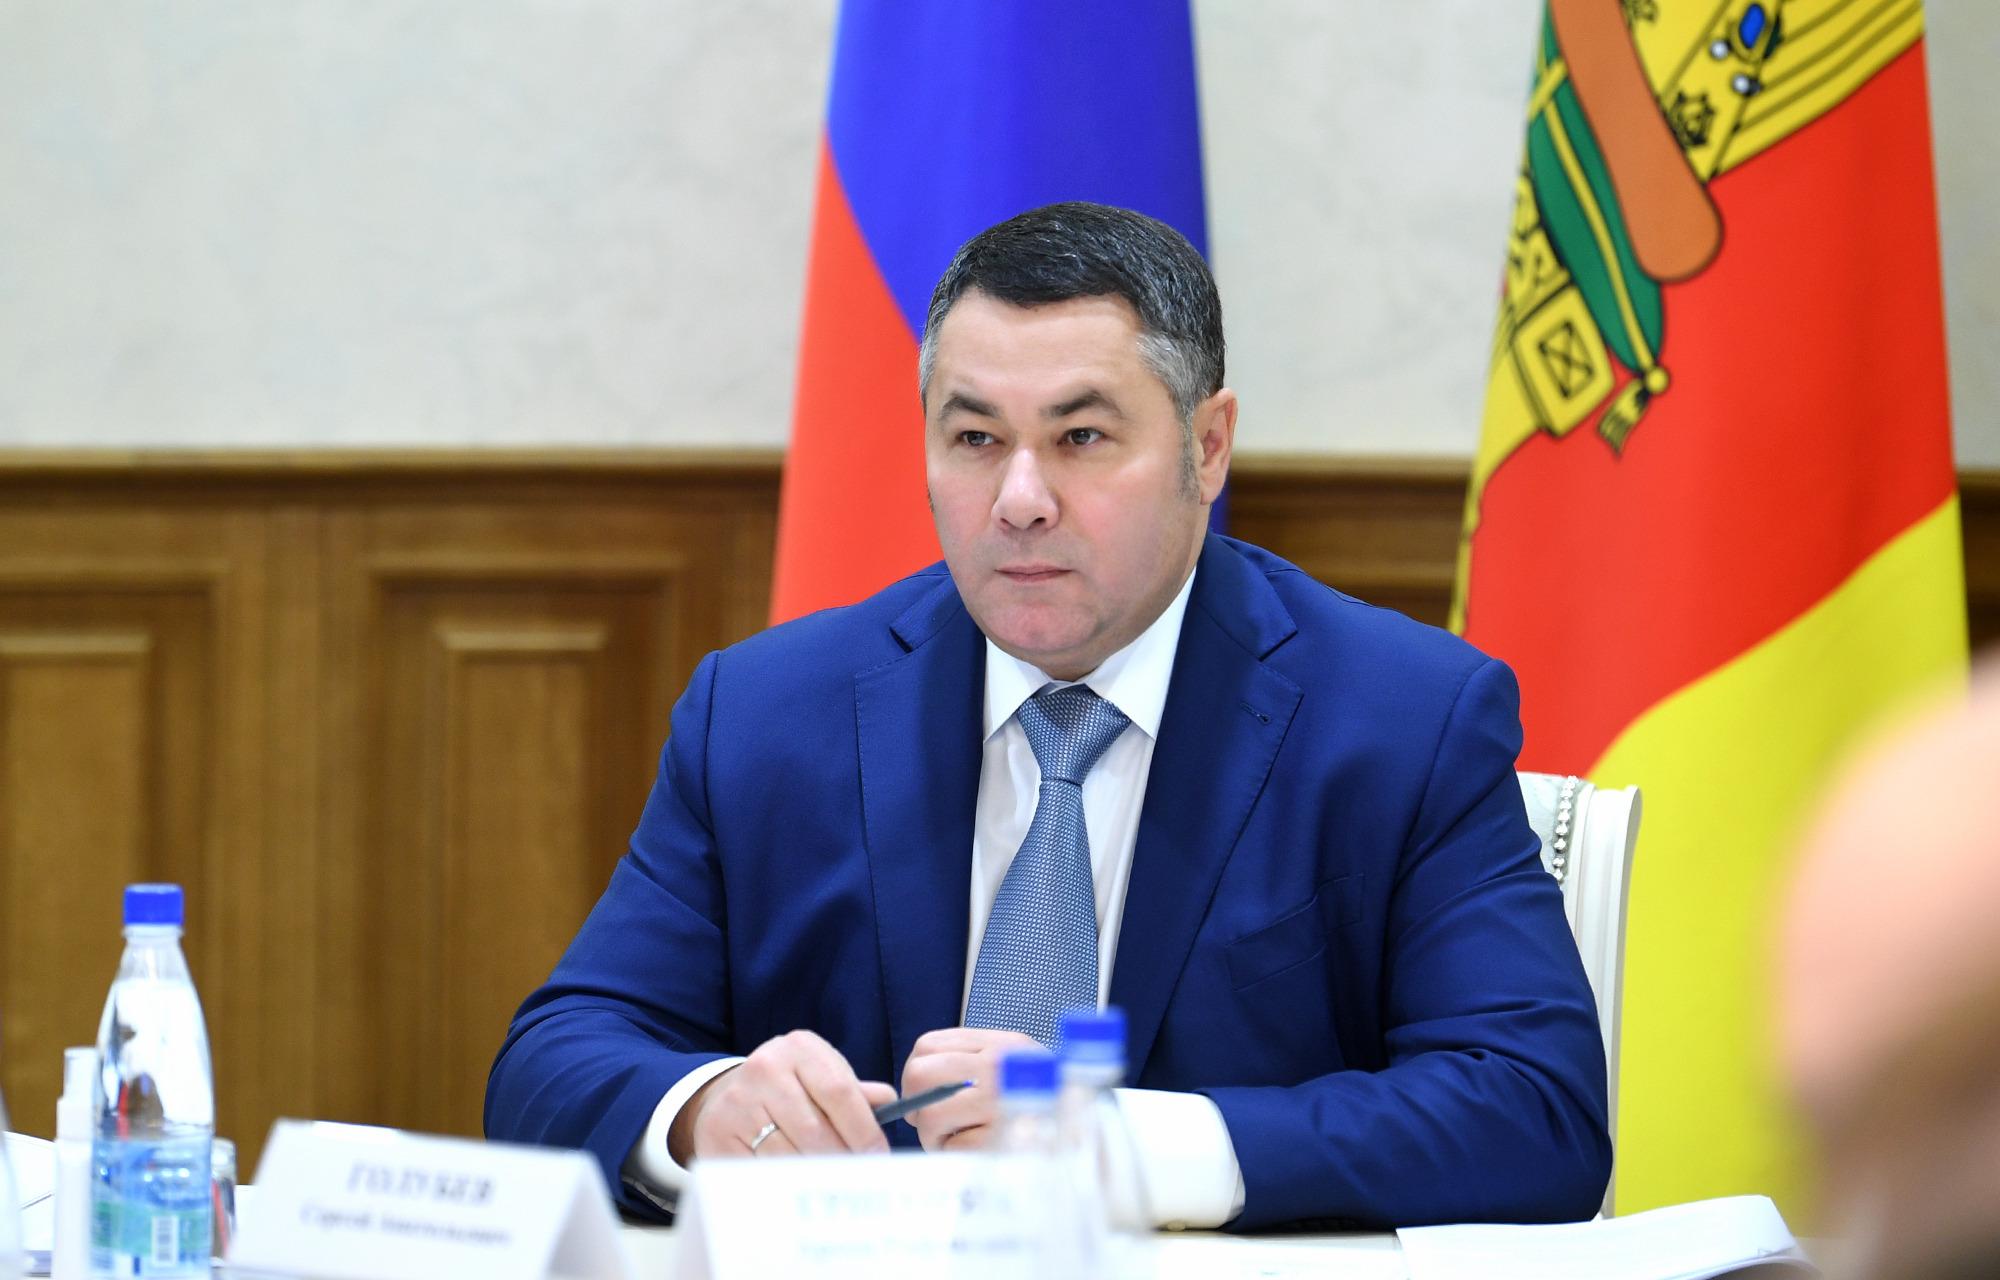 Тверской ТФОМС в 2021 году профинансируют на 17 миллиардов рублей